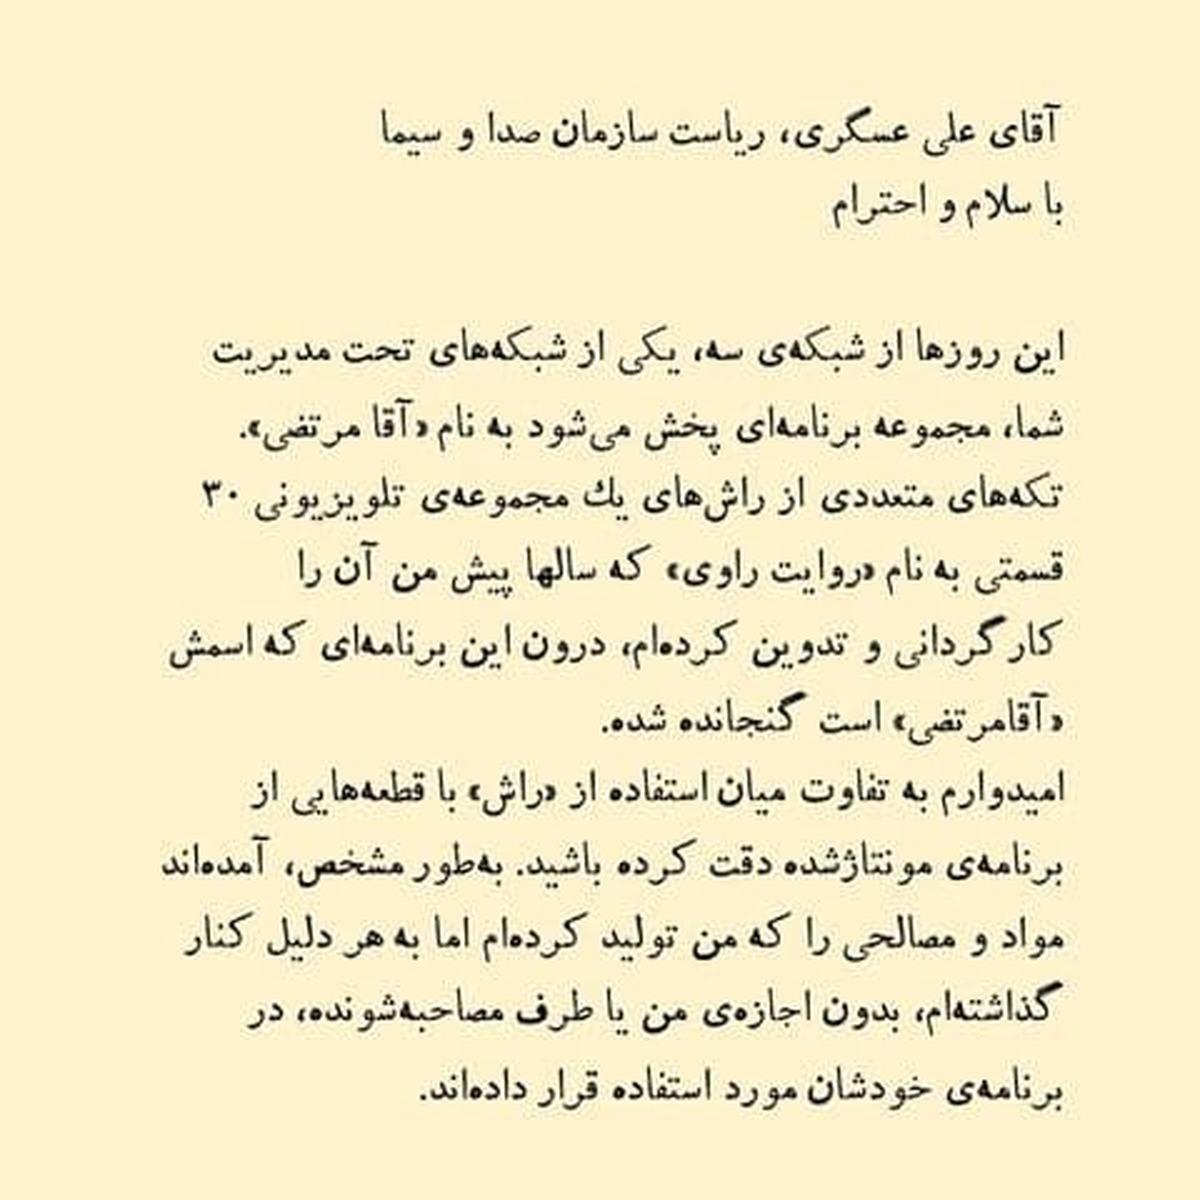 نامه معززینیا، روزنامه نگار و داماد شهید آوینی به رییس صداوسیما پیرامون مستند این سازمان درباره شهید آوینی: بدون اجازه، از راشهای من استفاده کردهاند